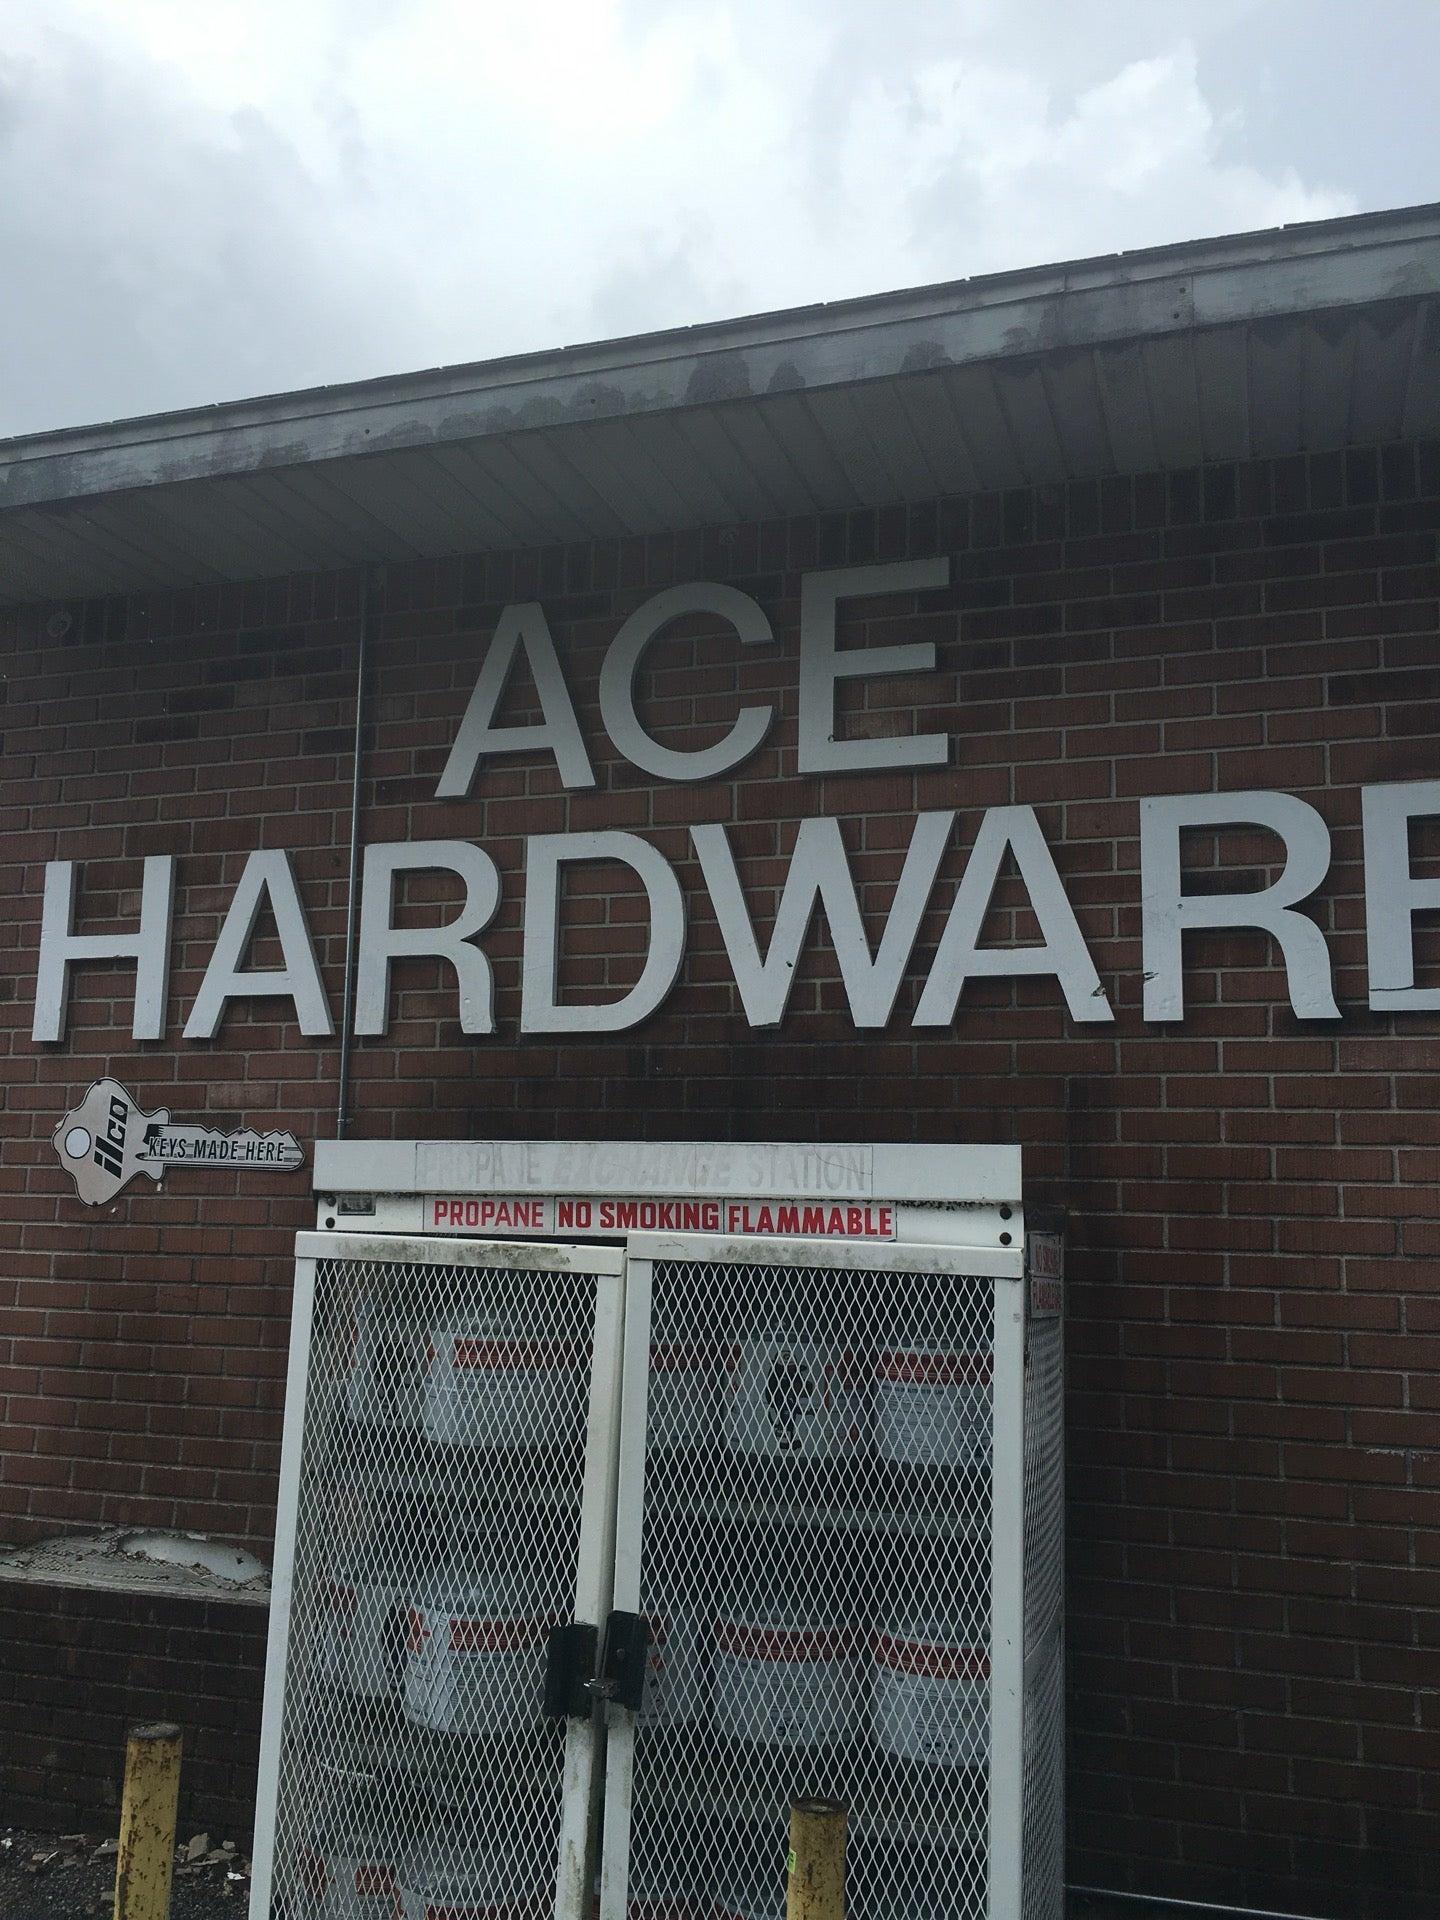 ACE HARDWARE,